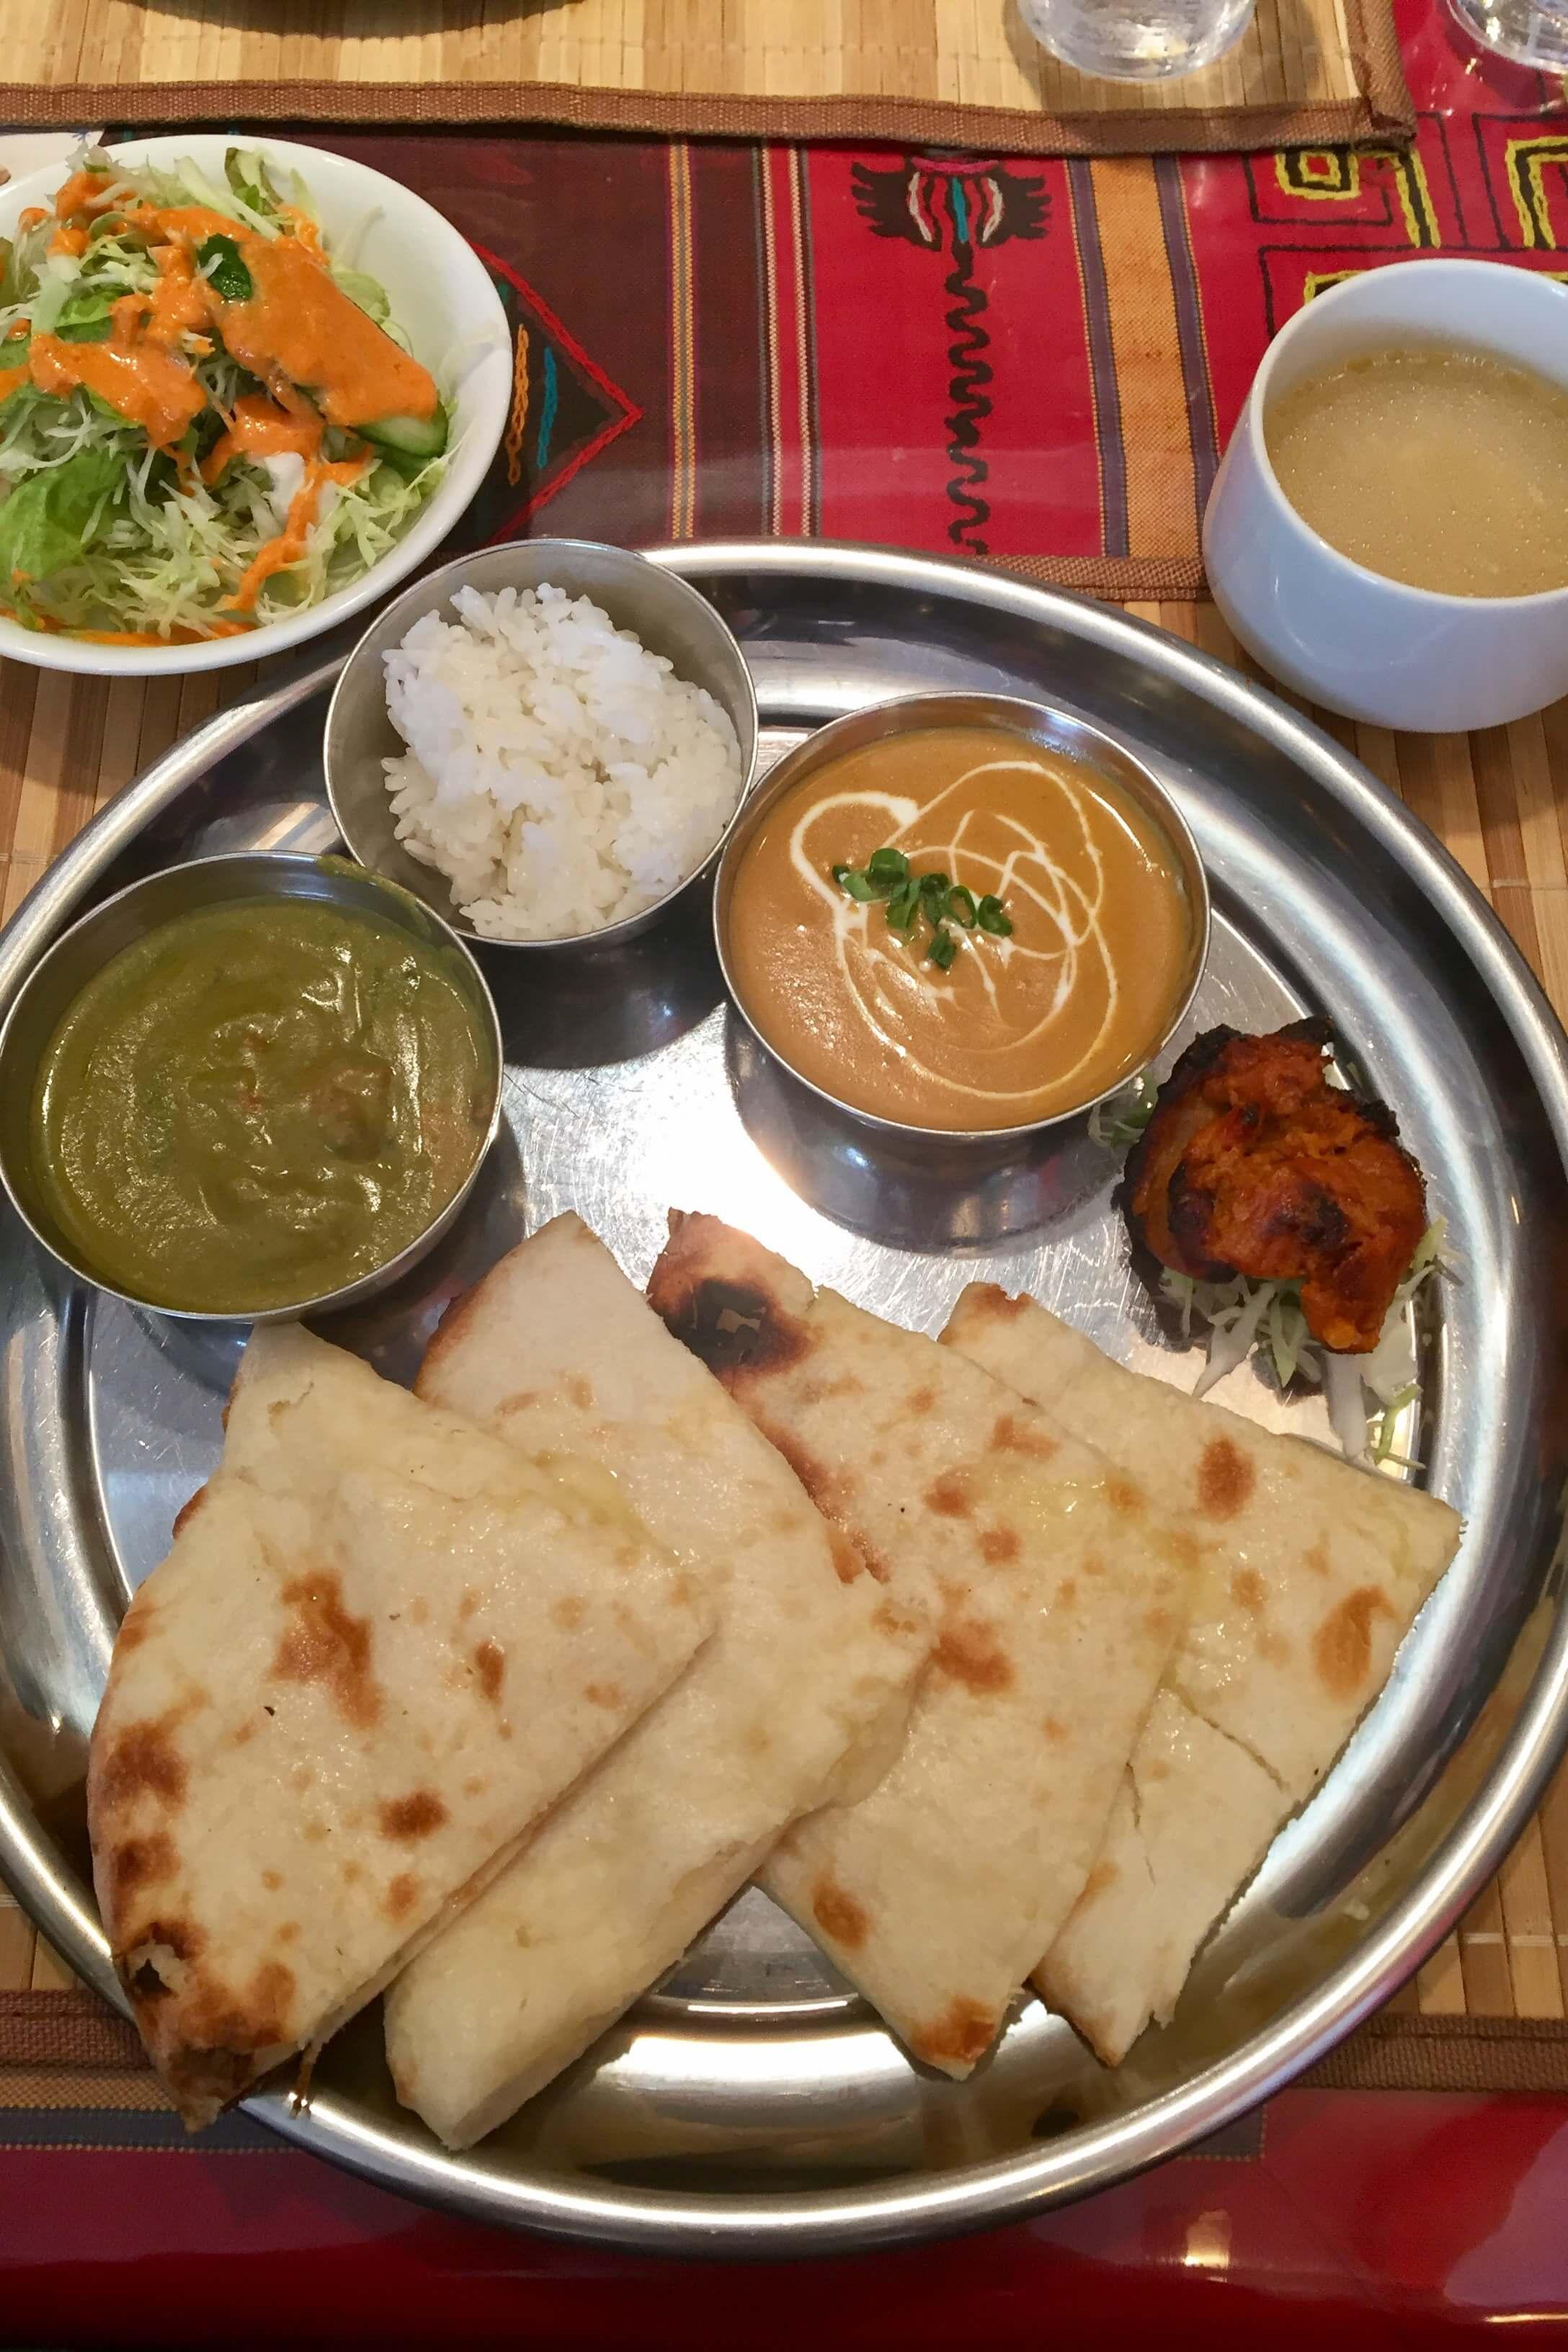 高槻市のインド料理「タージマハルエベレスト」はチーズナンが絶品